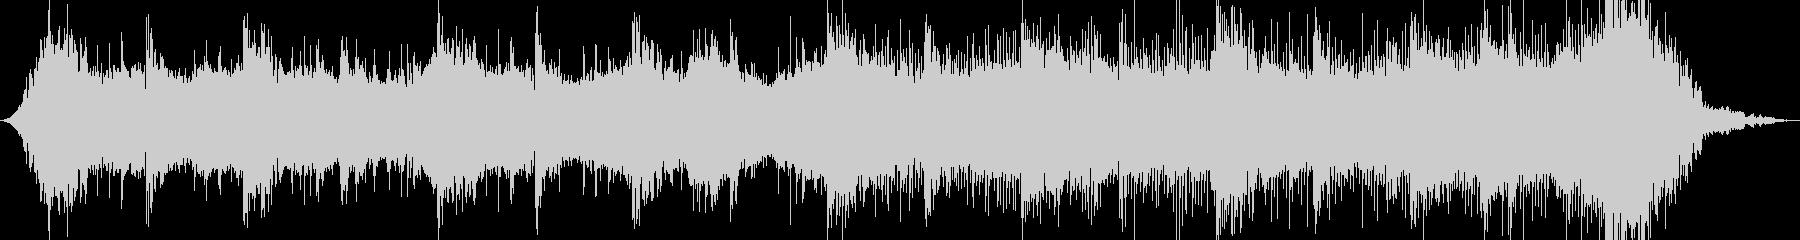 エレクトロ 交響曲 実験的な ドラ...の未再生の波形